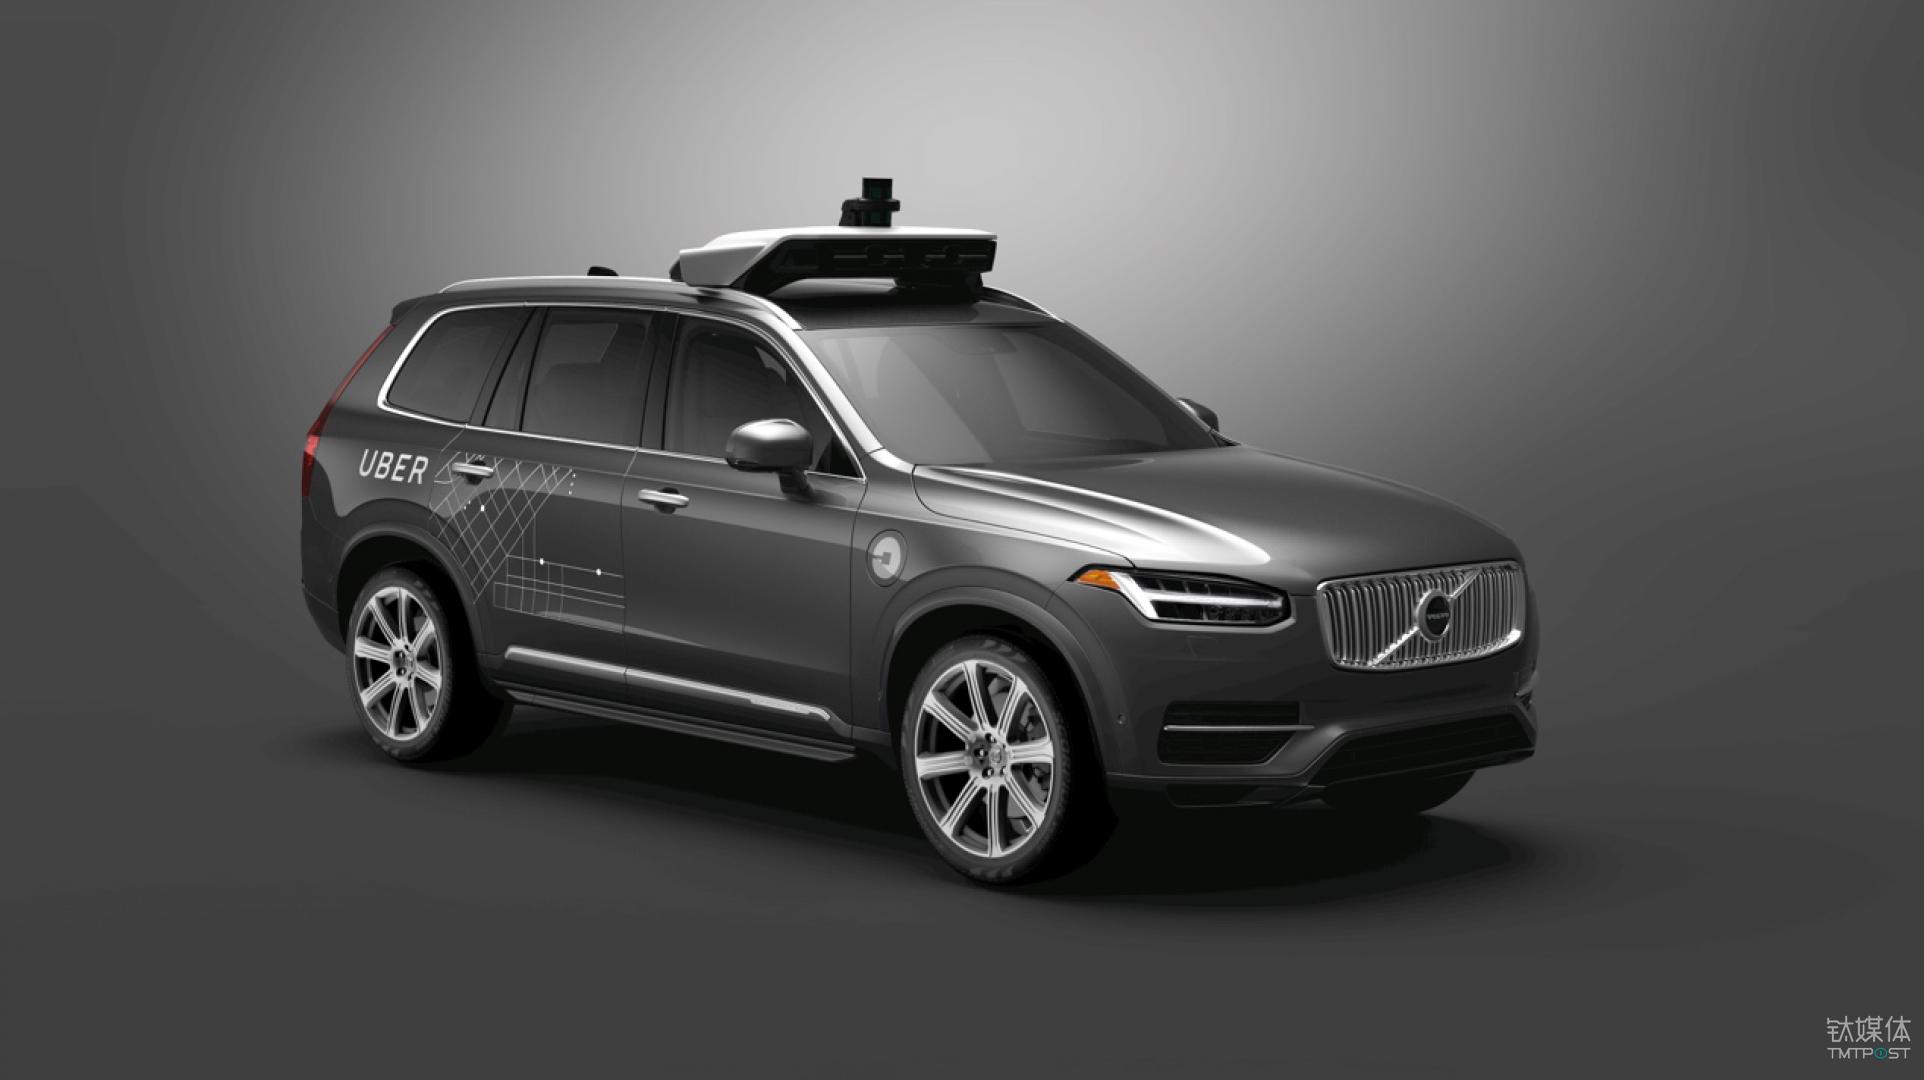 沃尔沃与Uber联手研发自动驾驶汽车